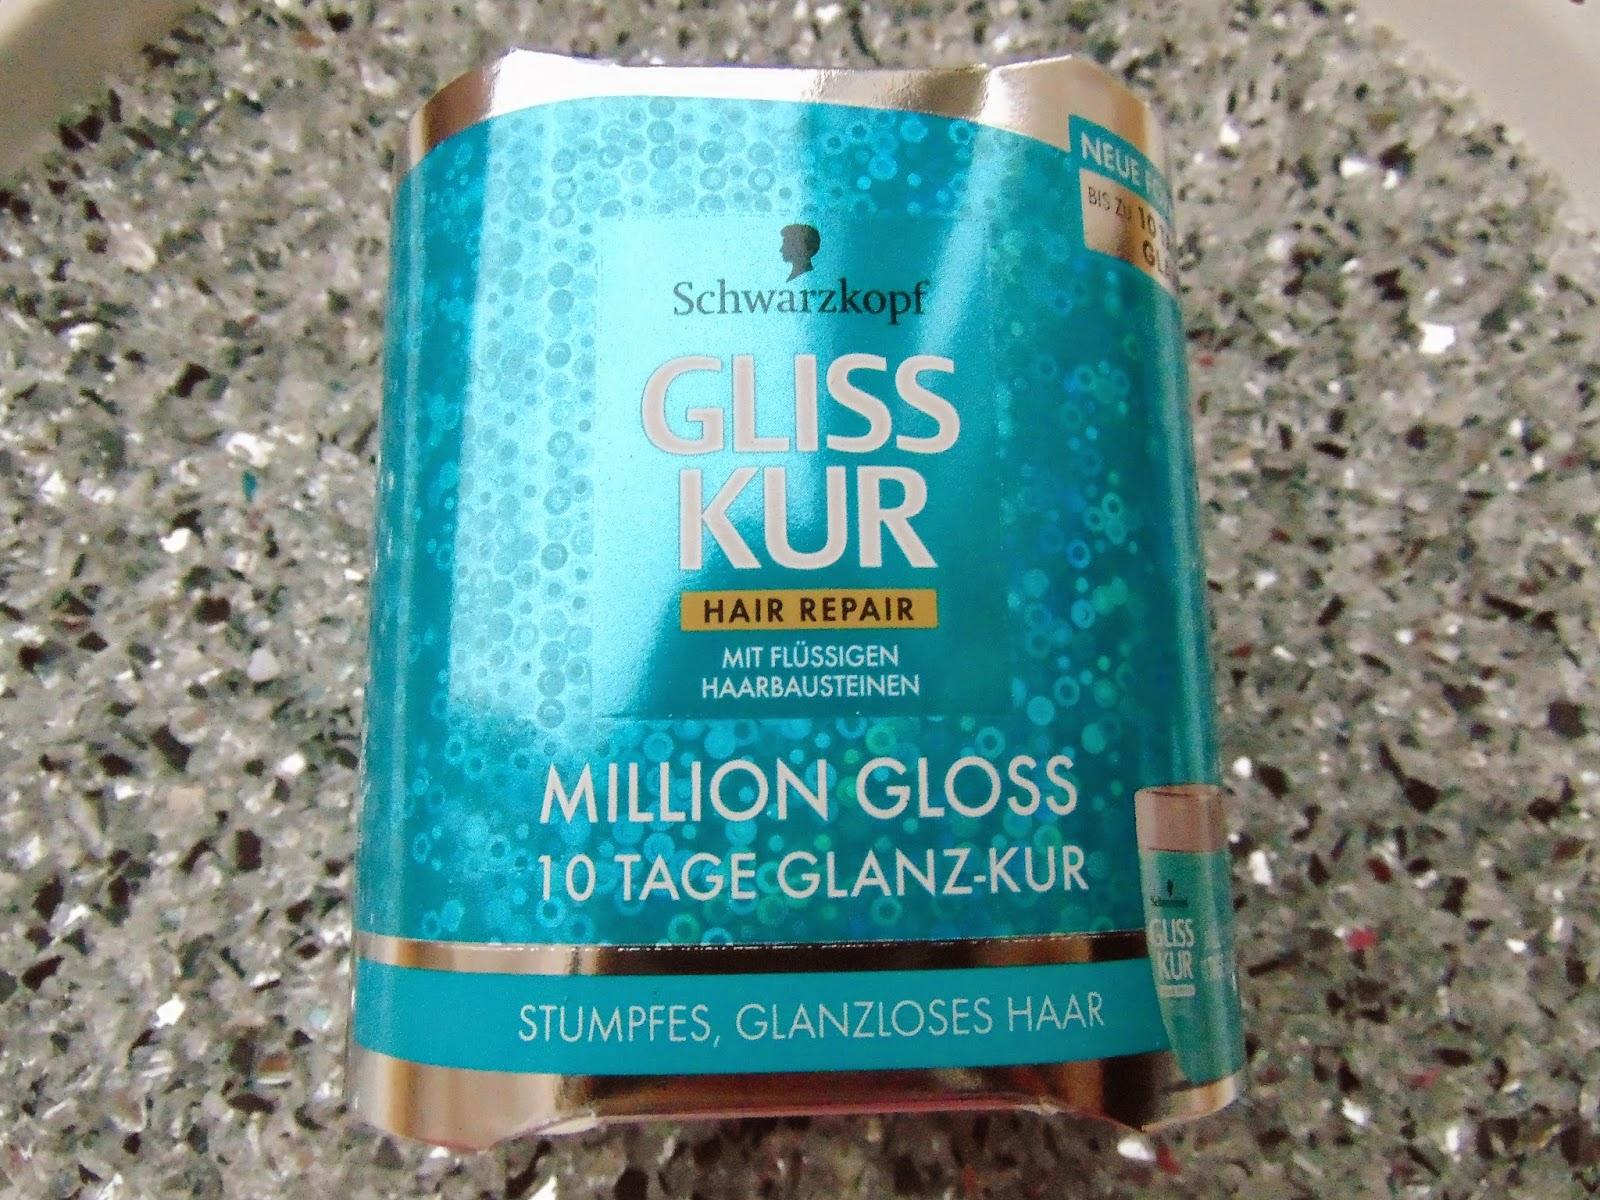 Gliss Kur Million Gloss 10 Tage Glanz-Kur - www.annitschkasblog.de